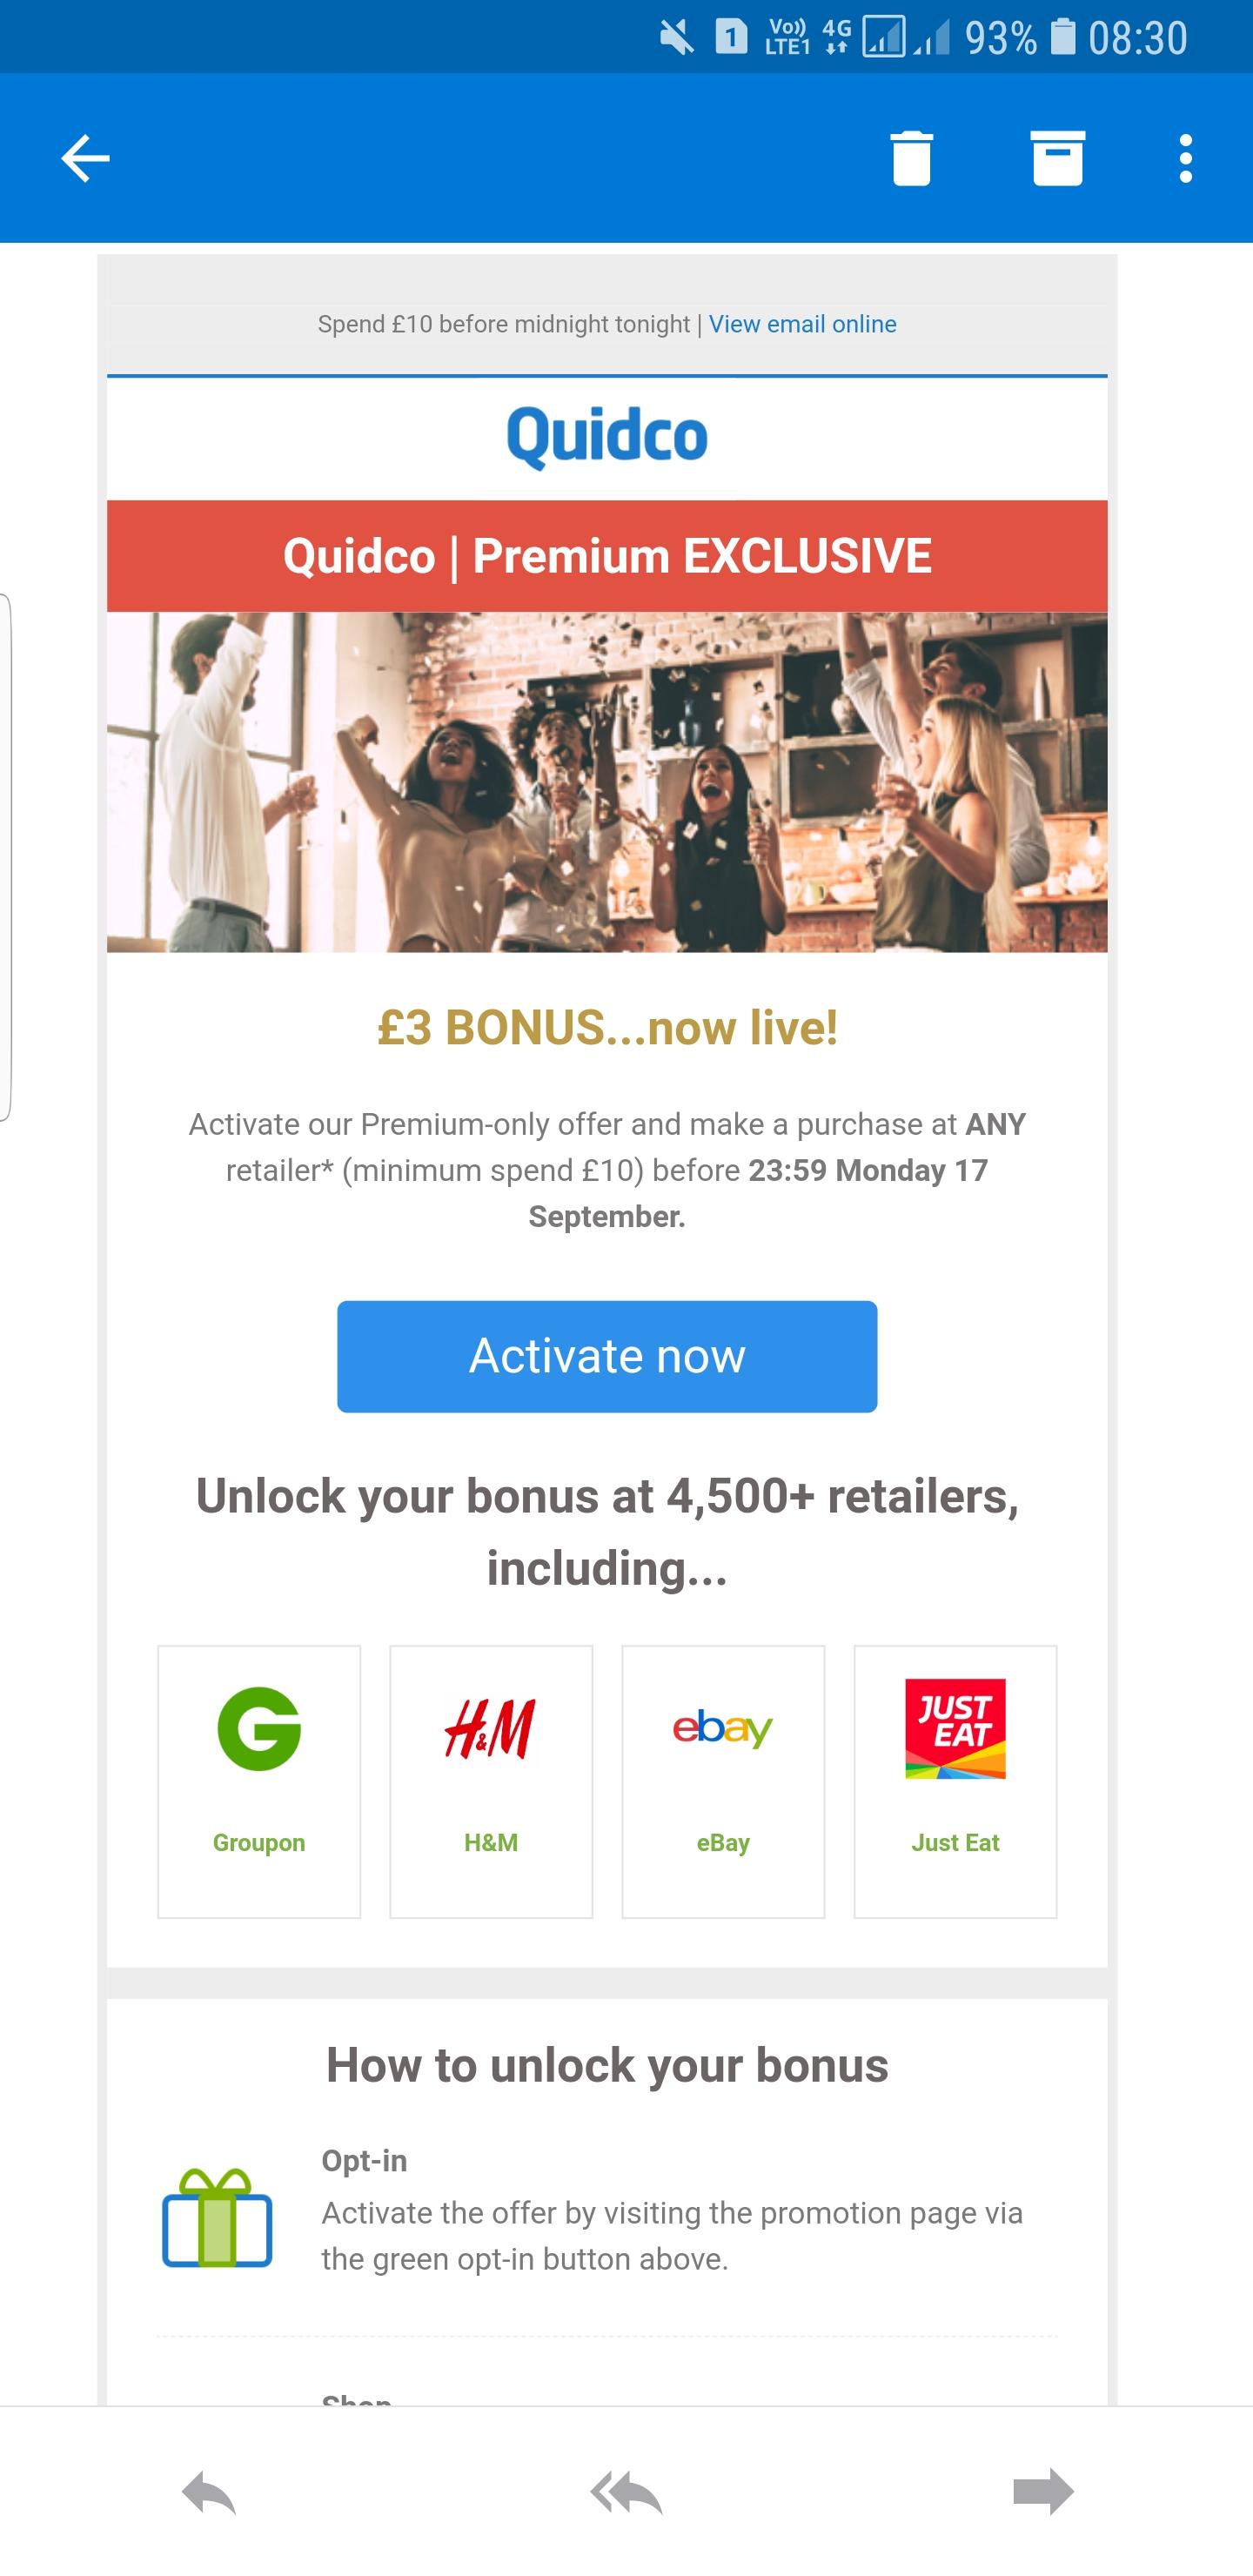 Quidco Premium Exclusive £3 bonus when you spend £10 at any retailer